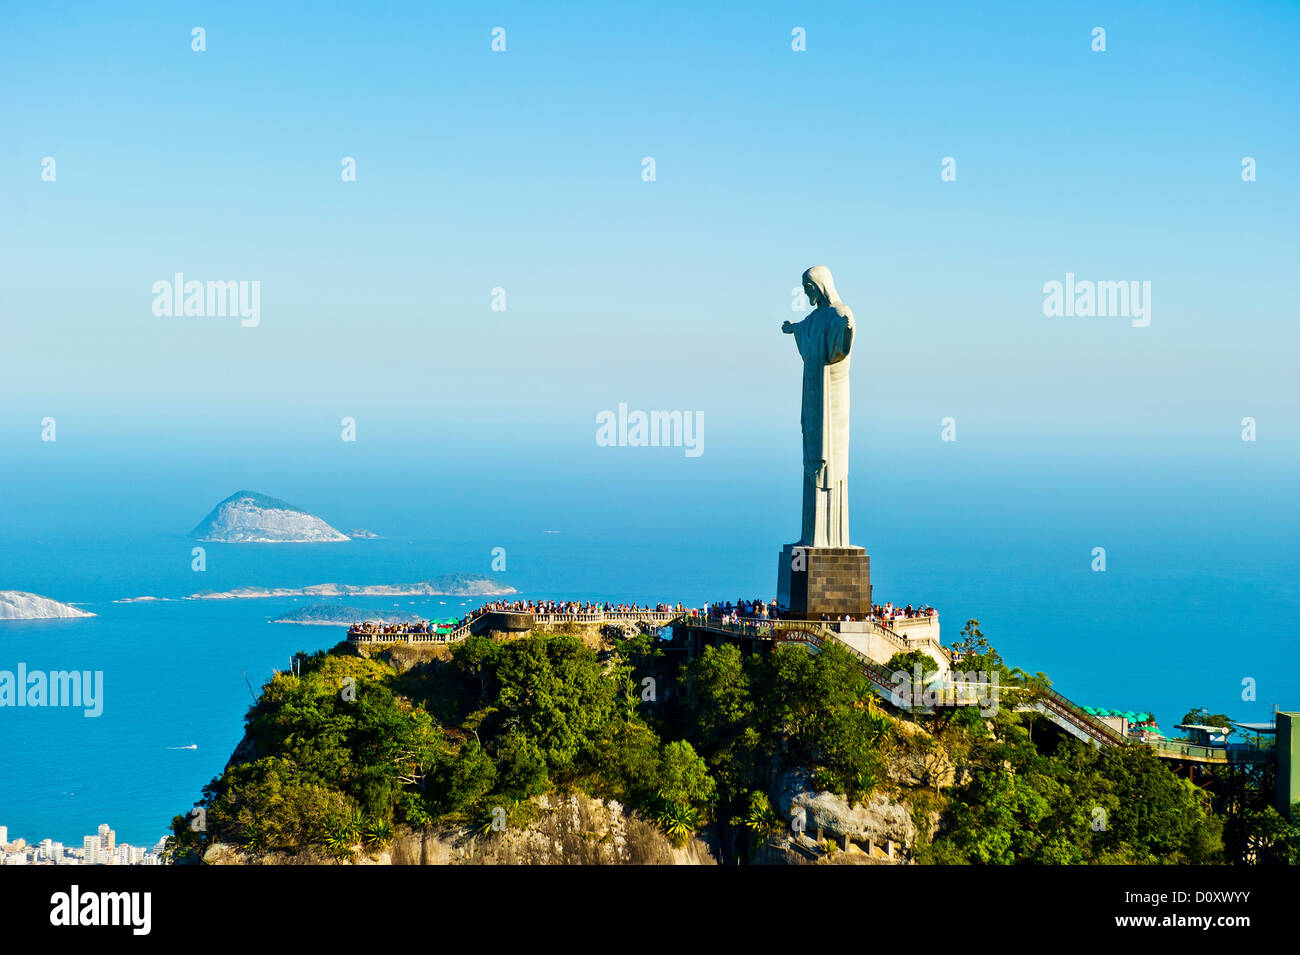 La estatua de Cristo Redentor con vistas a Río de Janeiro, Brasil Imagen De Stock